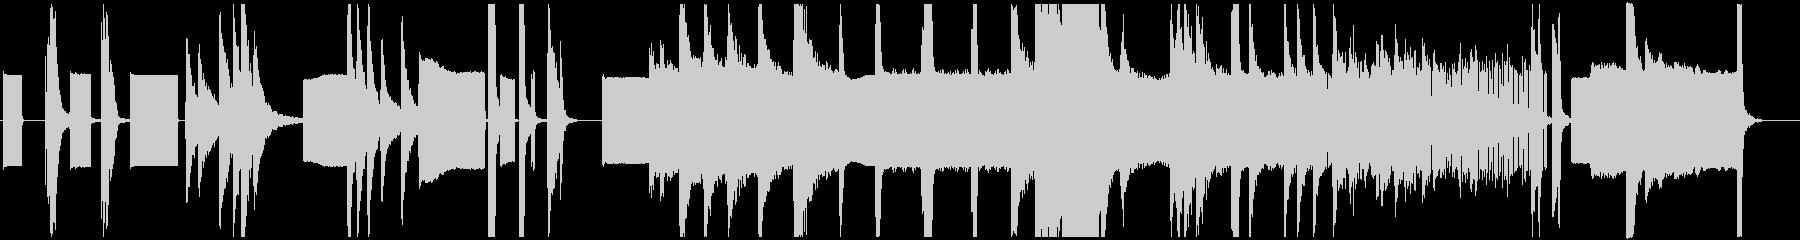 ピアノとシンセによる前衛的な現代曲の未再生の波形